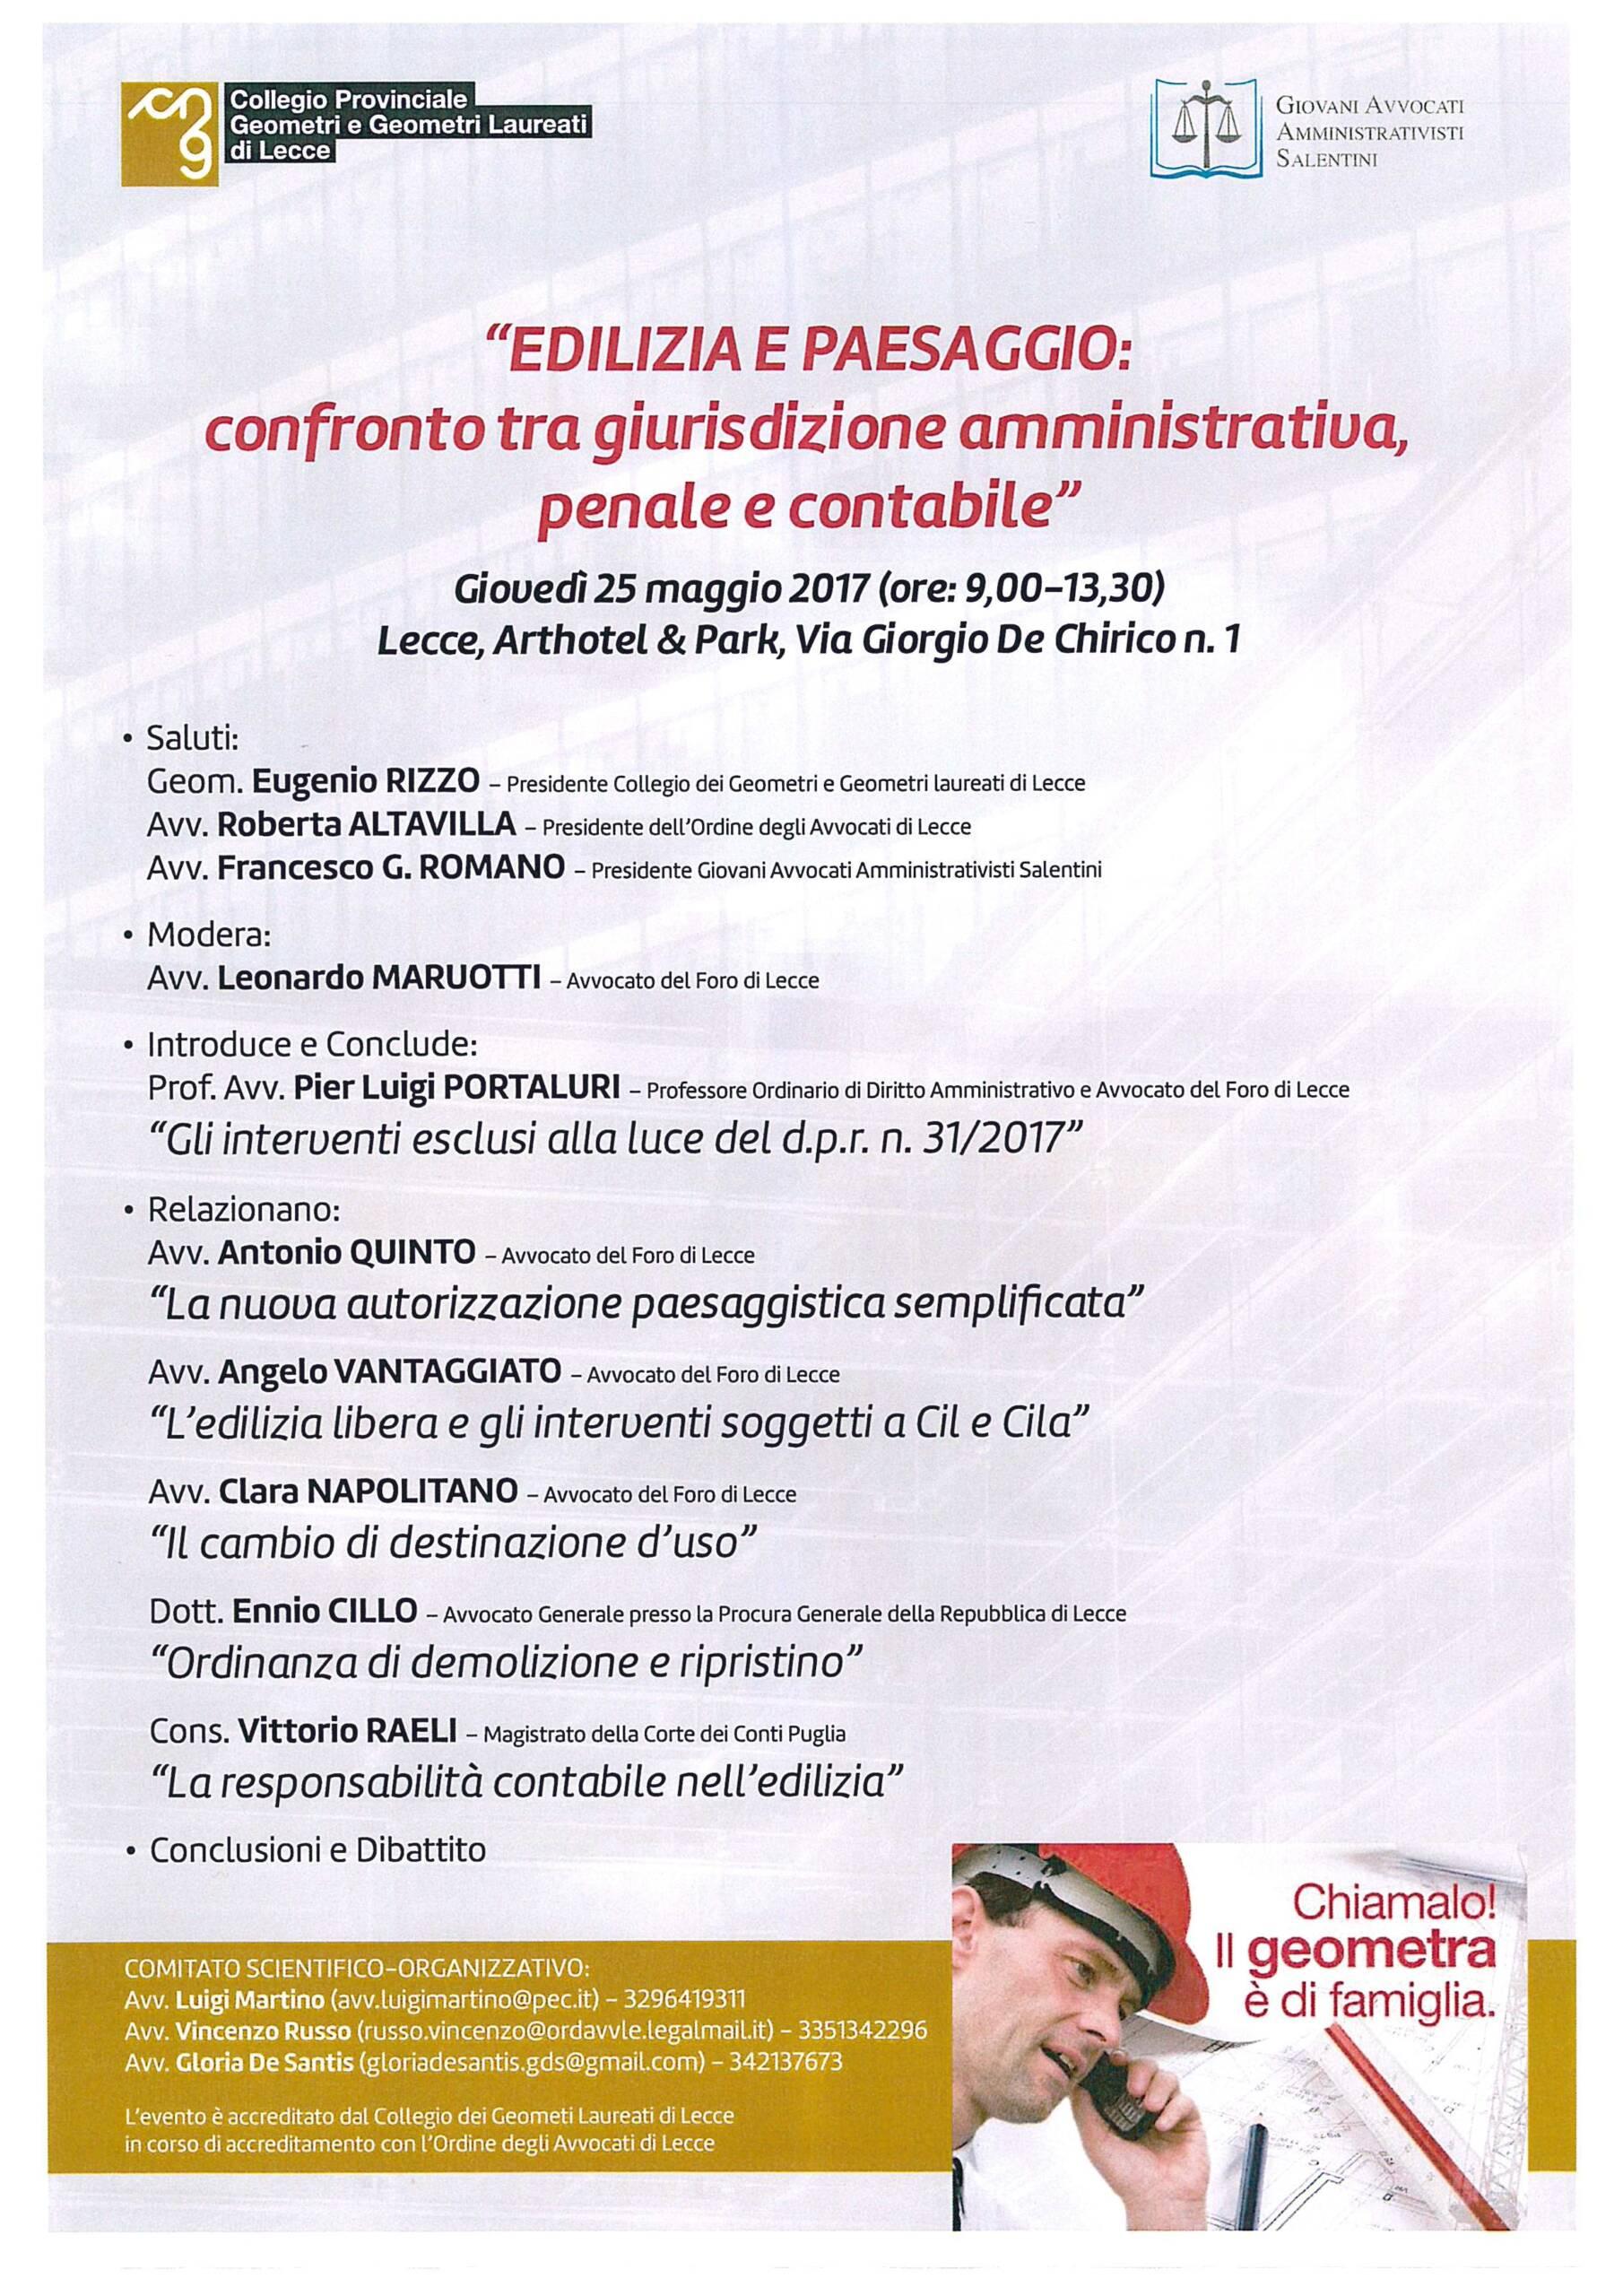 """Convegno """"EDILIZIA E PAESAGGIO: confronto tra giurisdizione amministrativa, penale e contabile"""" – Lecce 25 maggio 2017"""